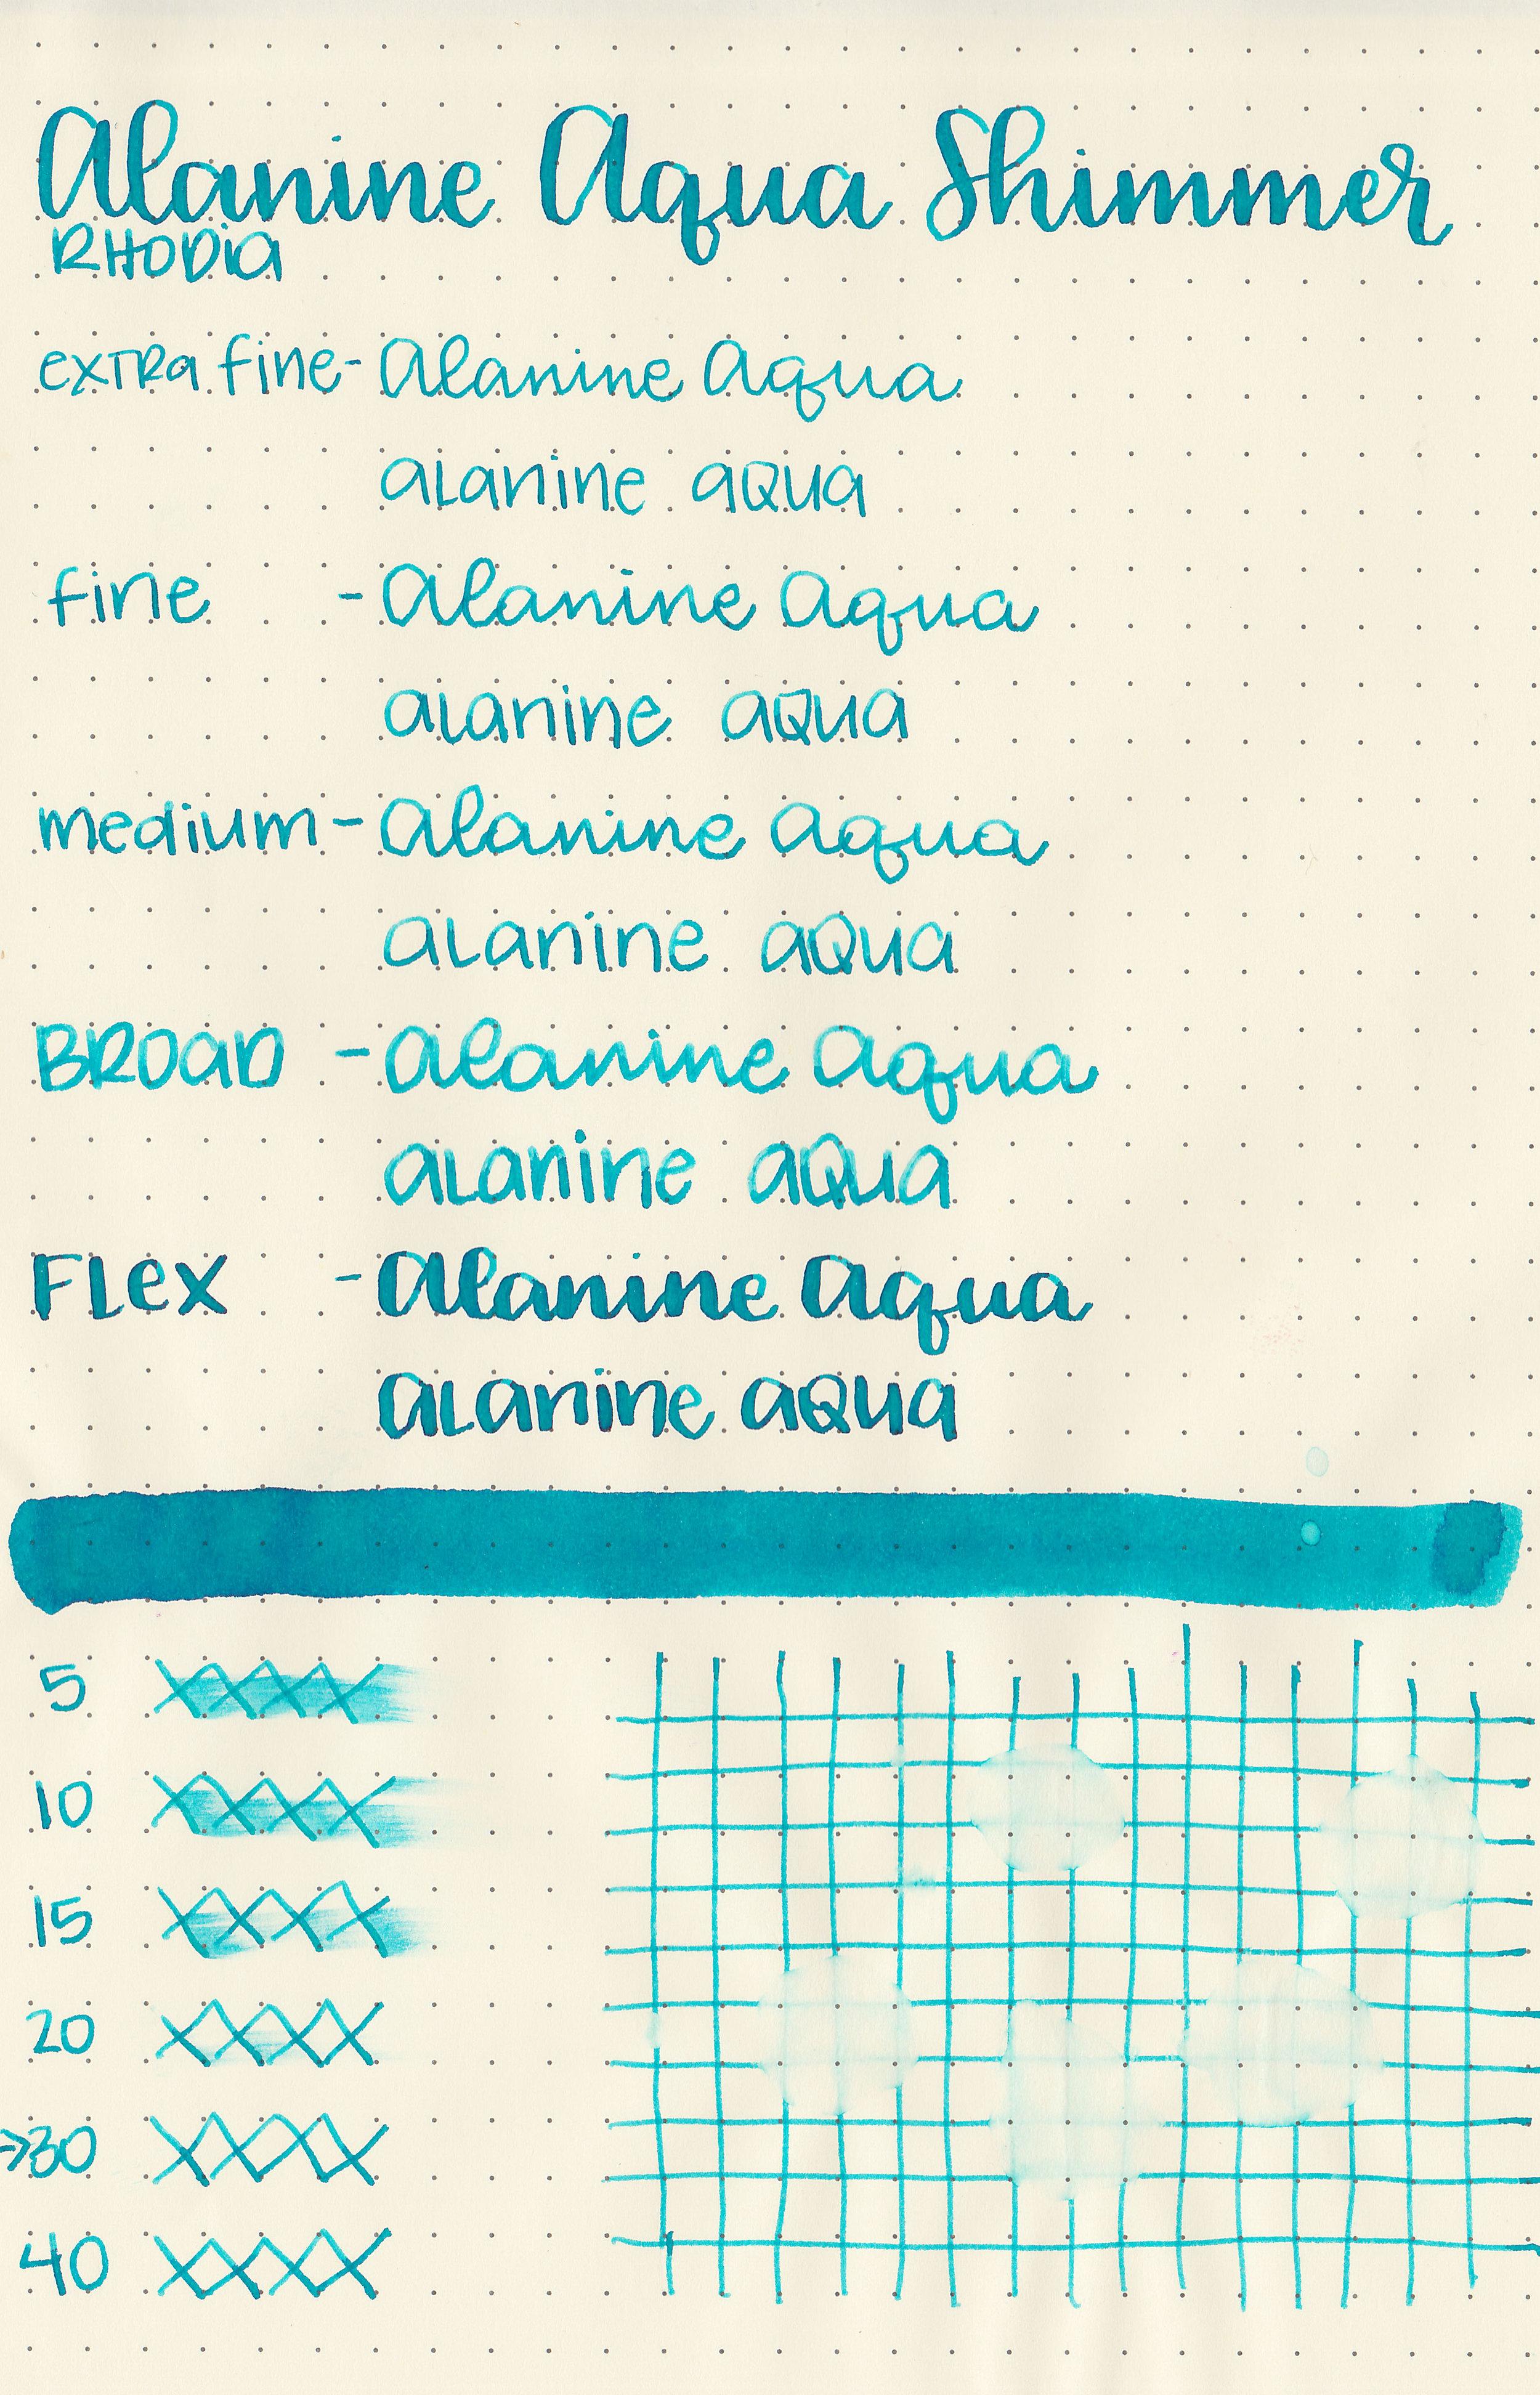 os-alanine-aqua-6.jpg